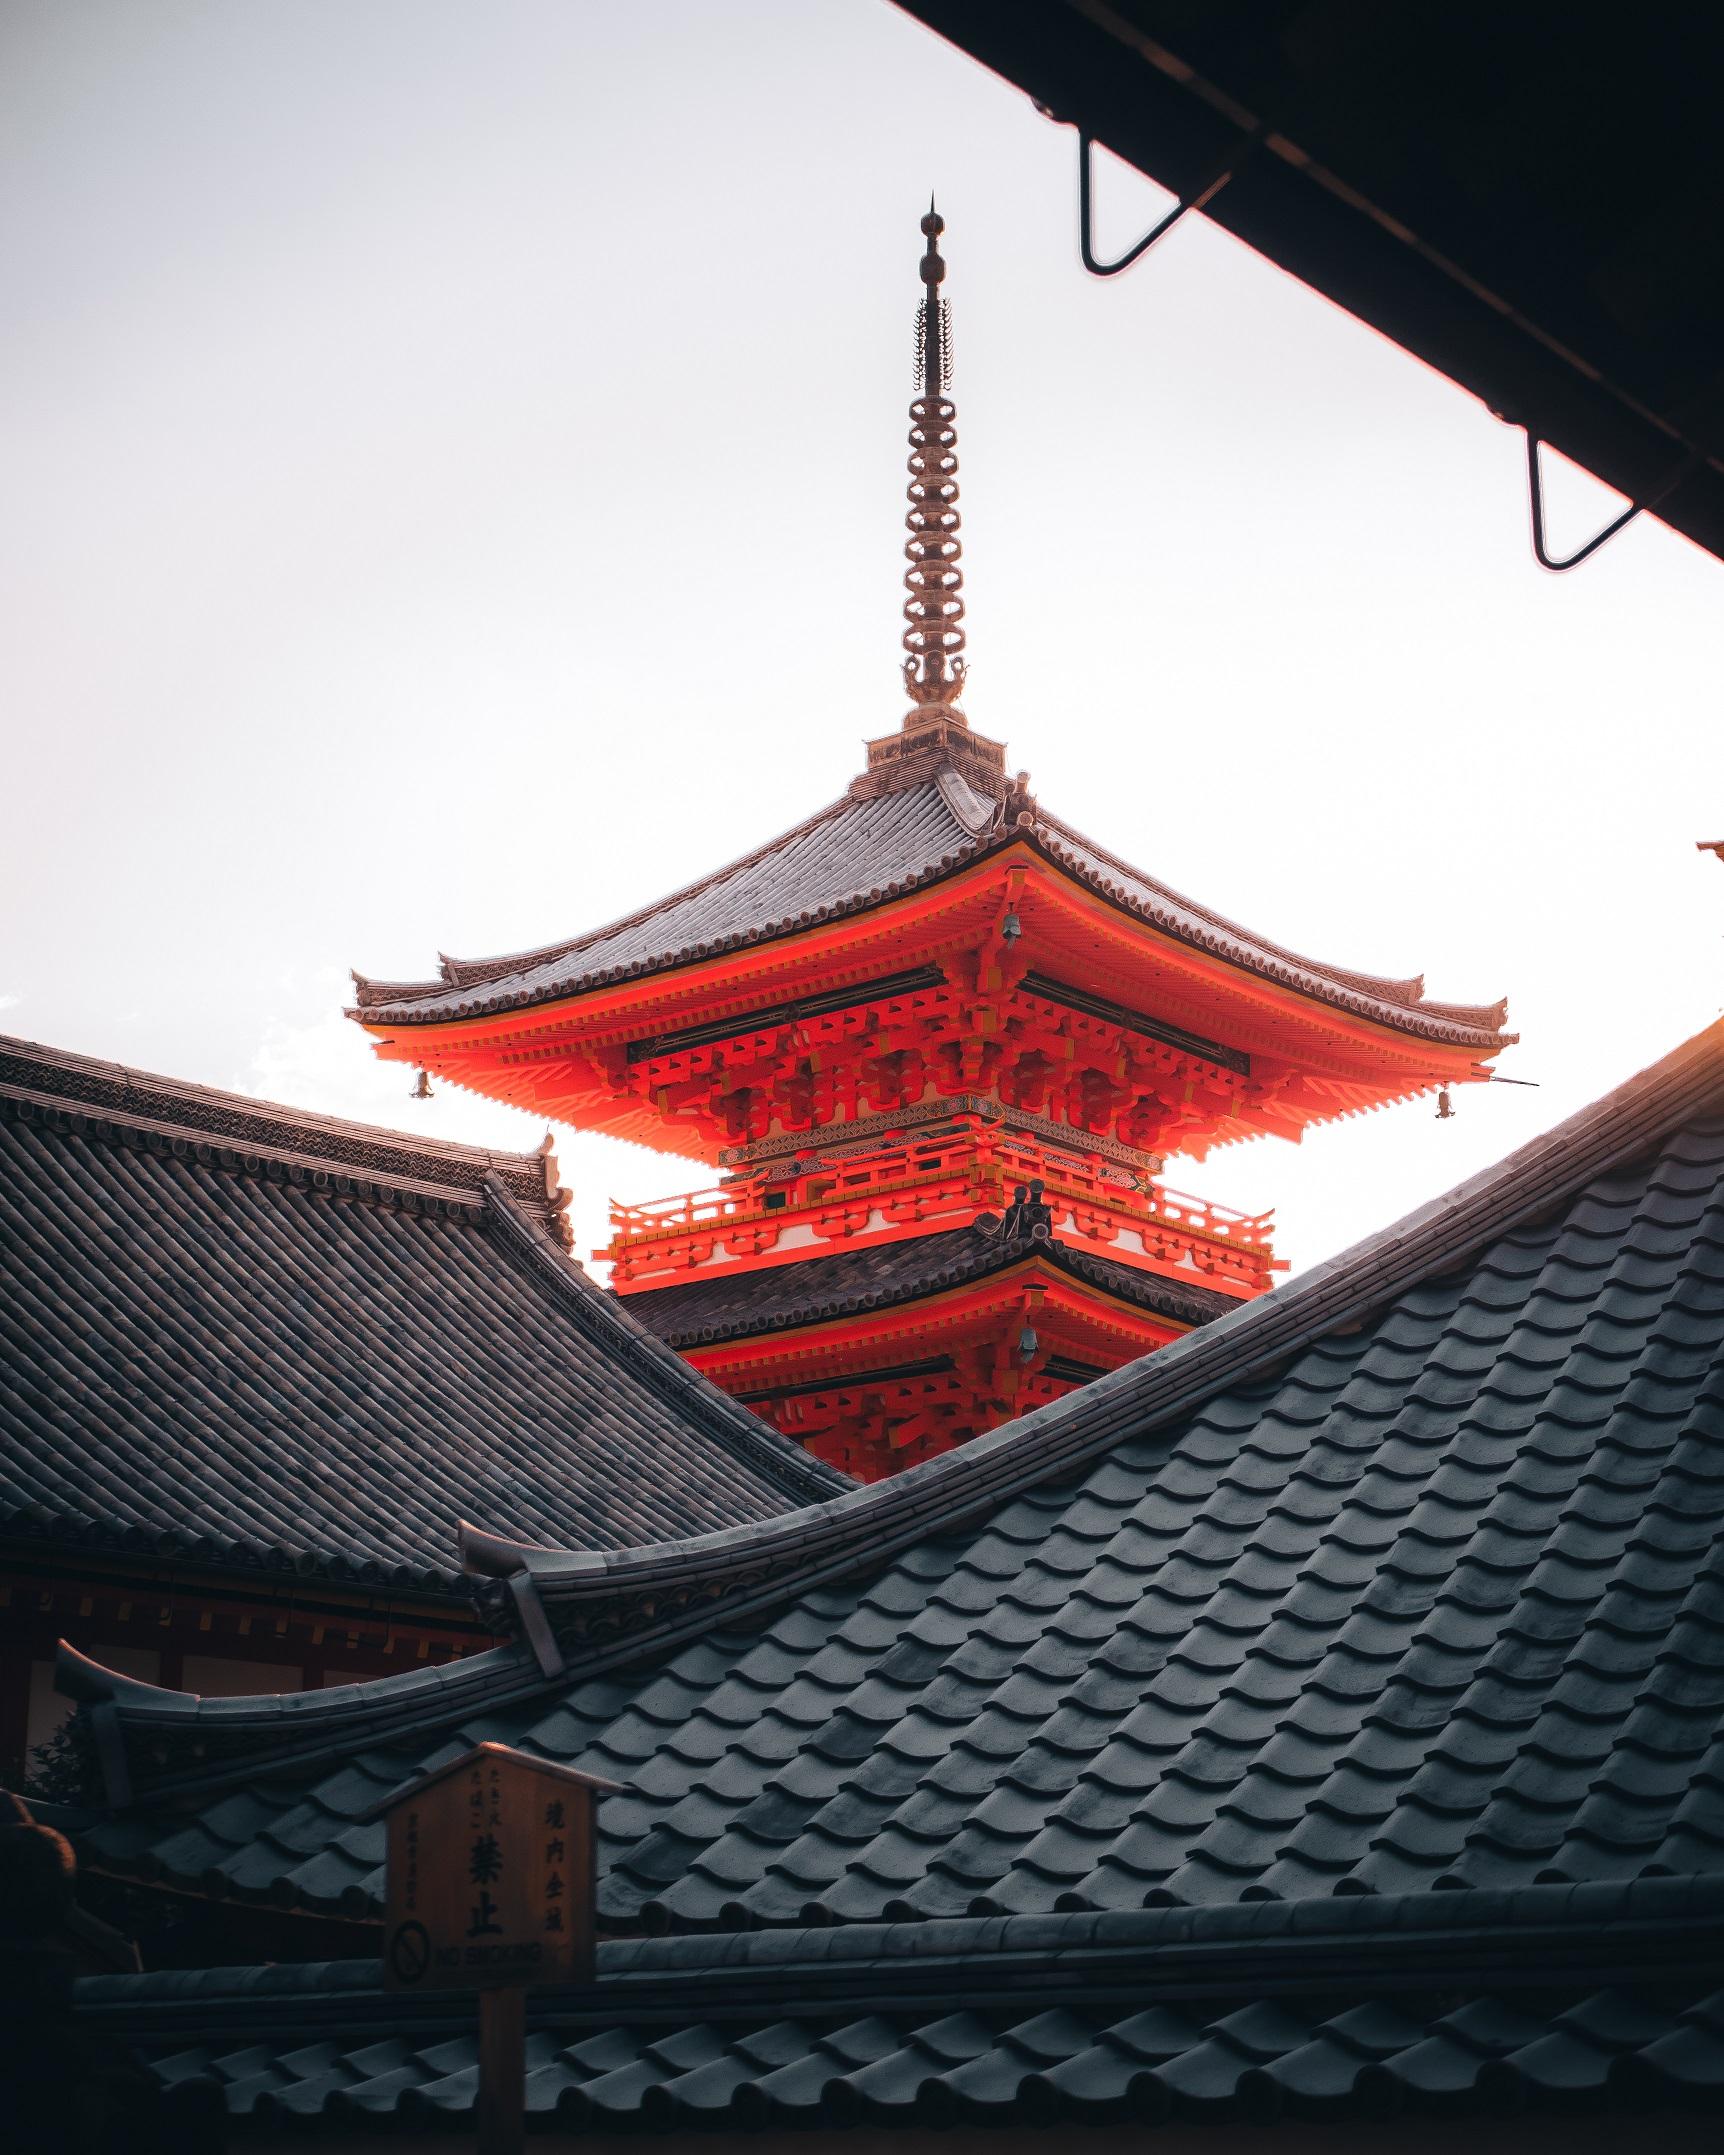 Kiyomizu-dera in Kyoto, Japan